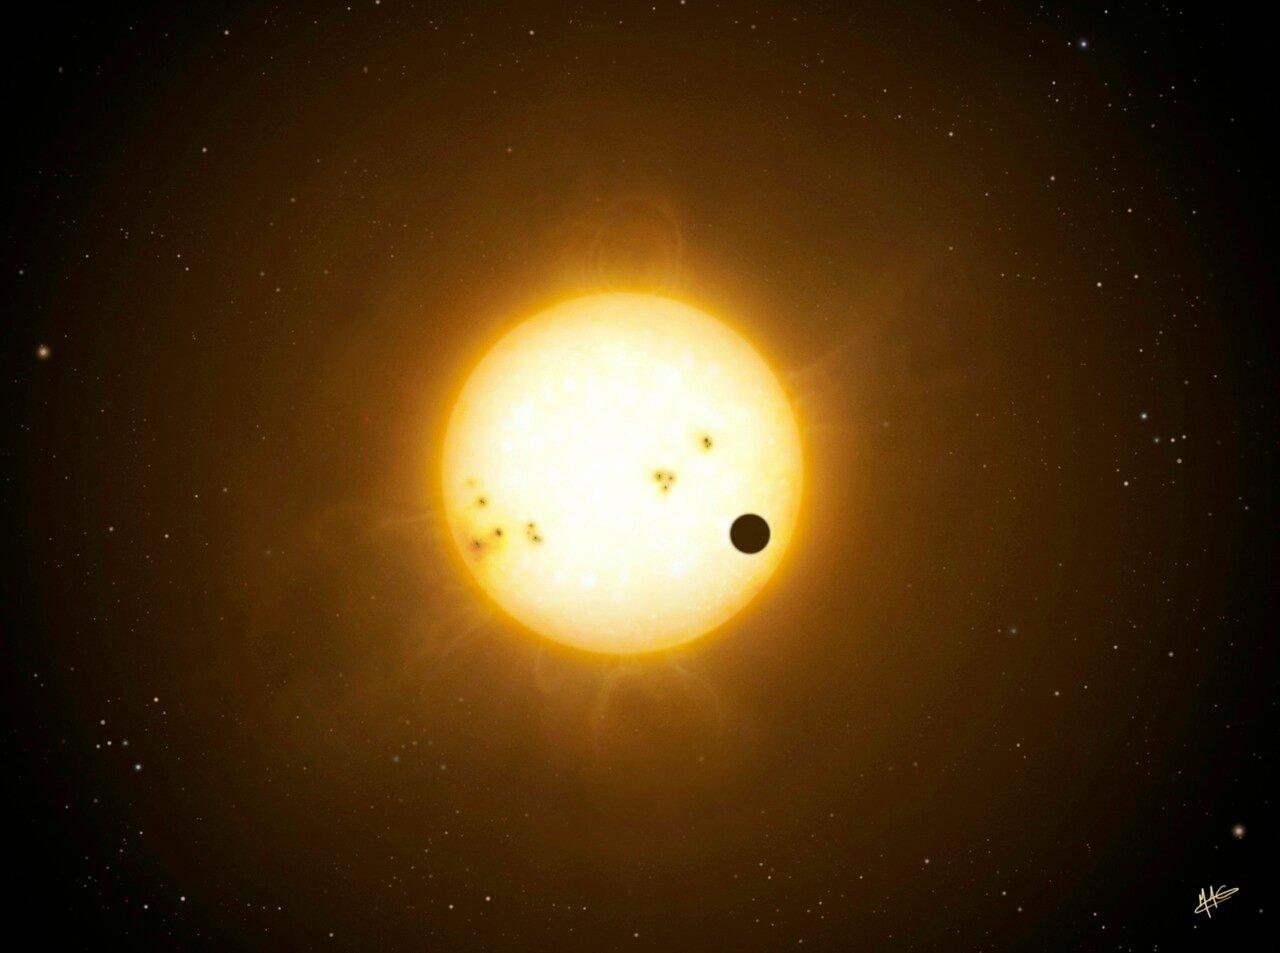 Астрономы обнаружили смещение горячей точки экзопланеты